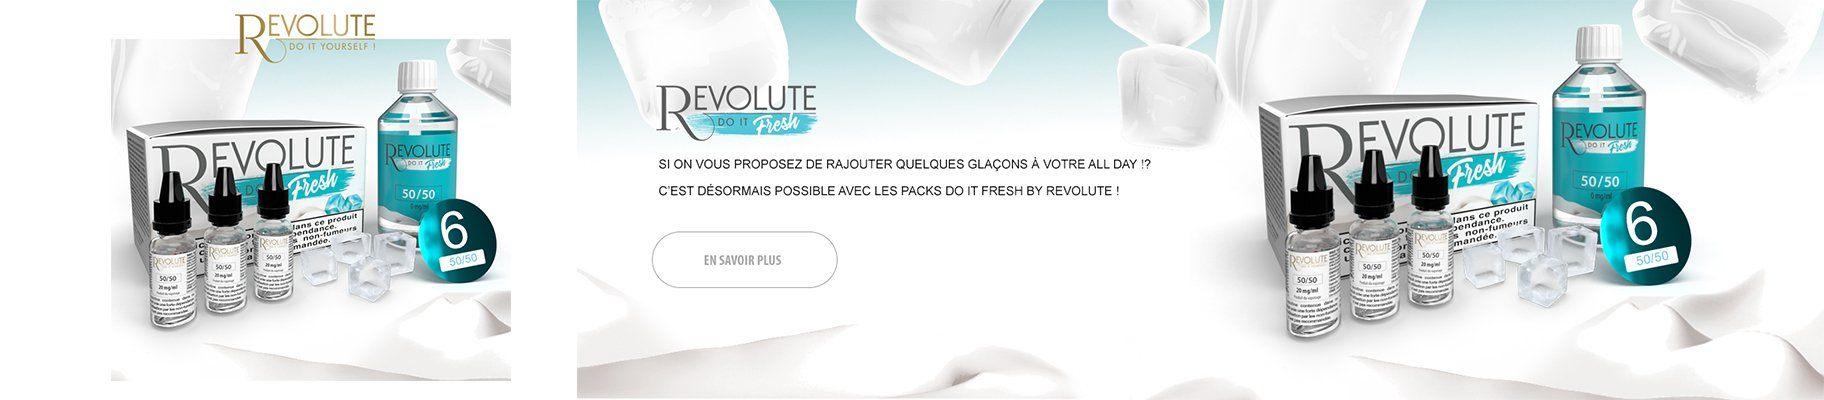 kit diy fresh revolute - Boutique de cigarette électronique, eliquides à pas cher.